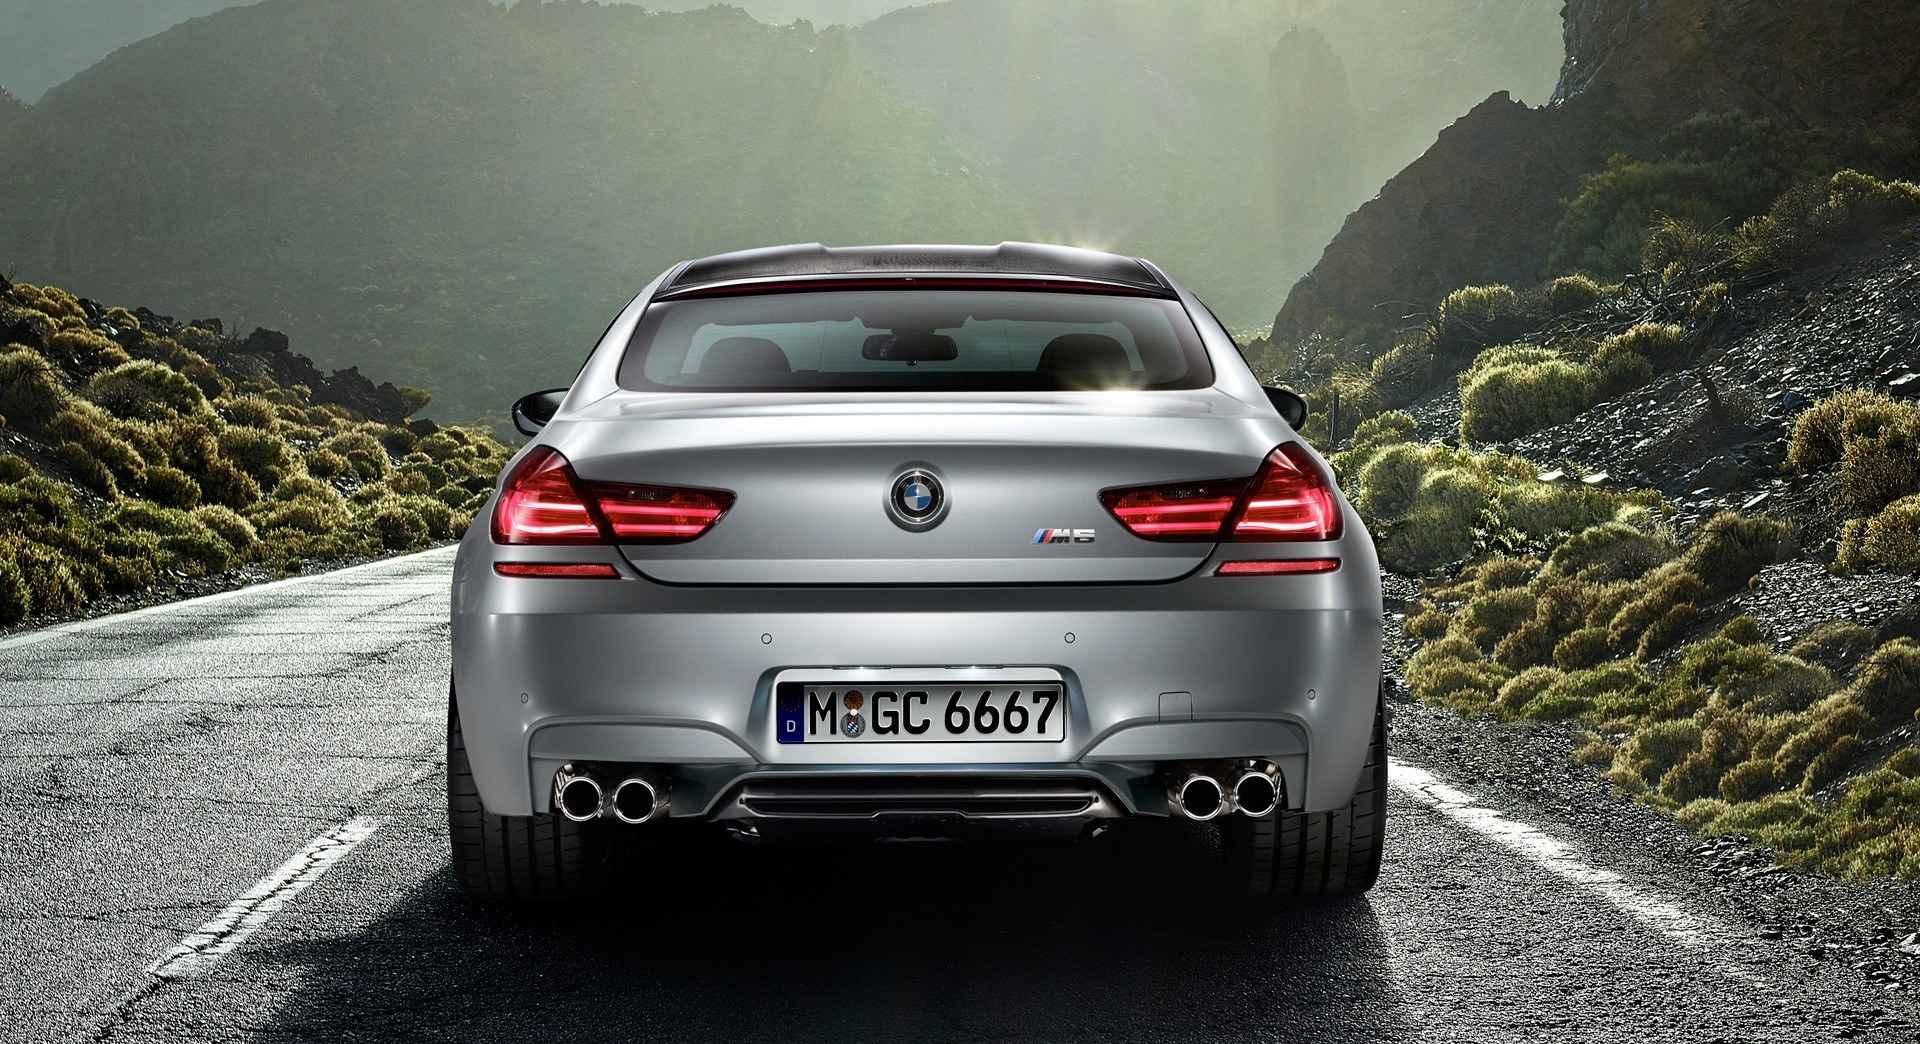 BMW M6 Wallpaper 065